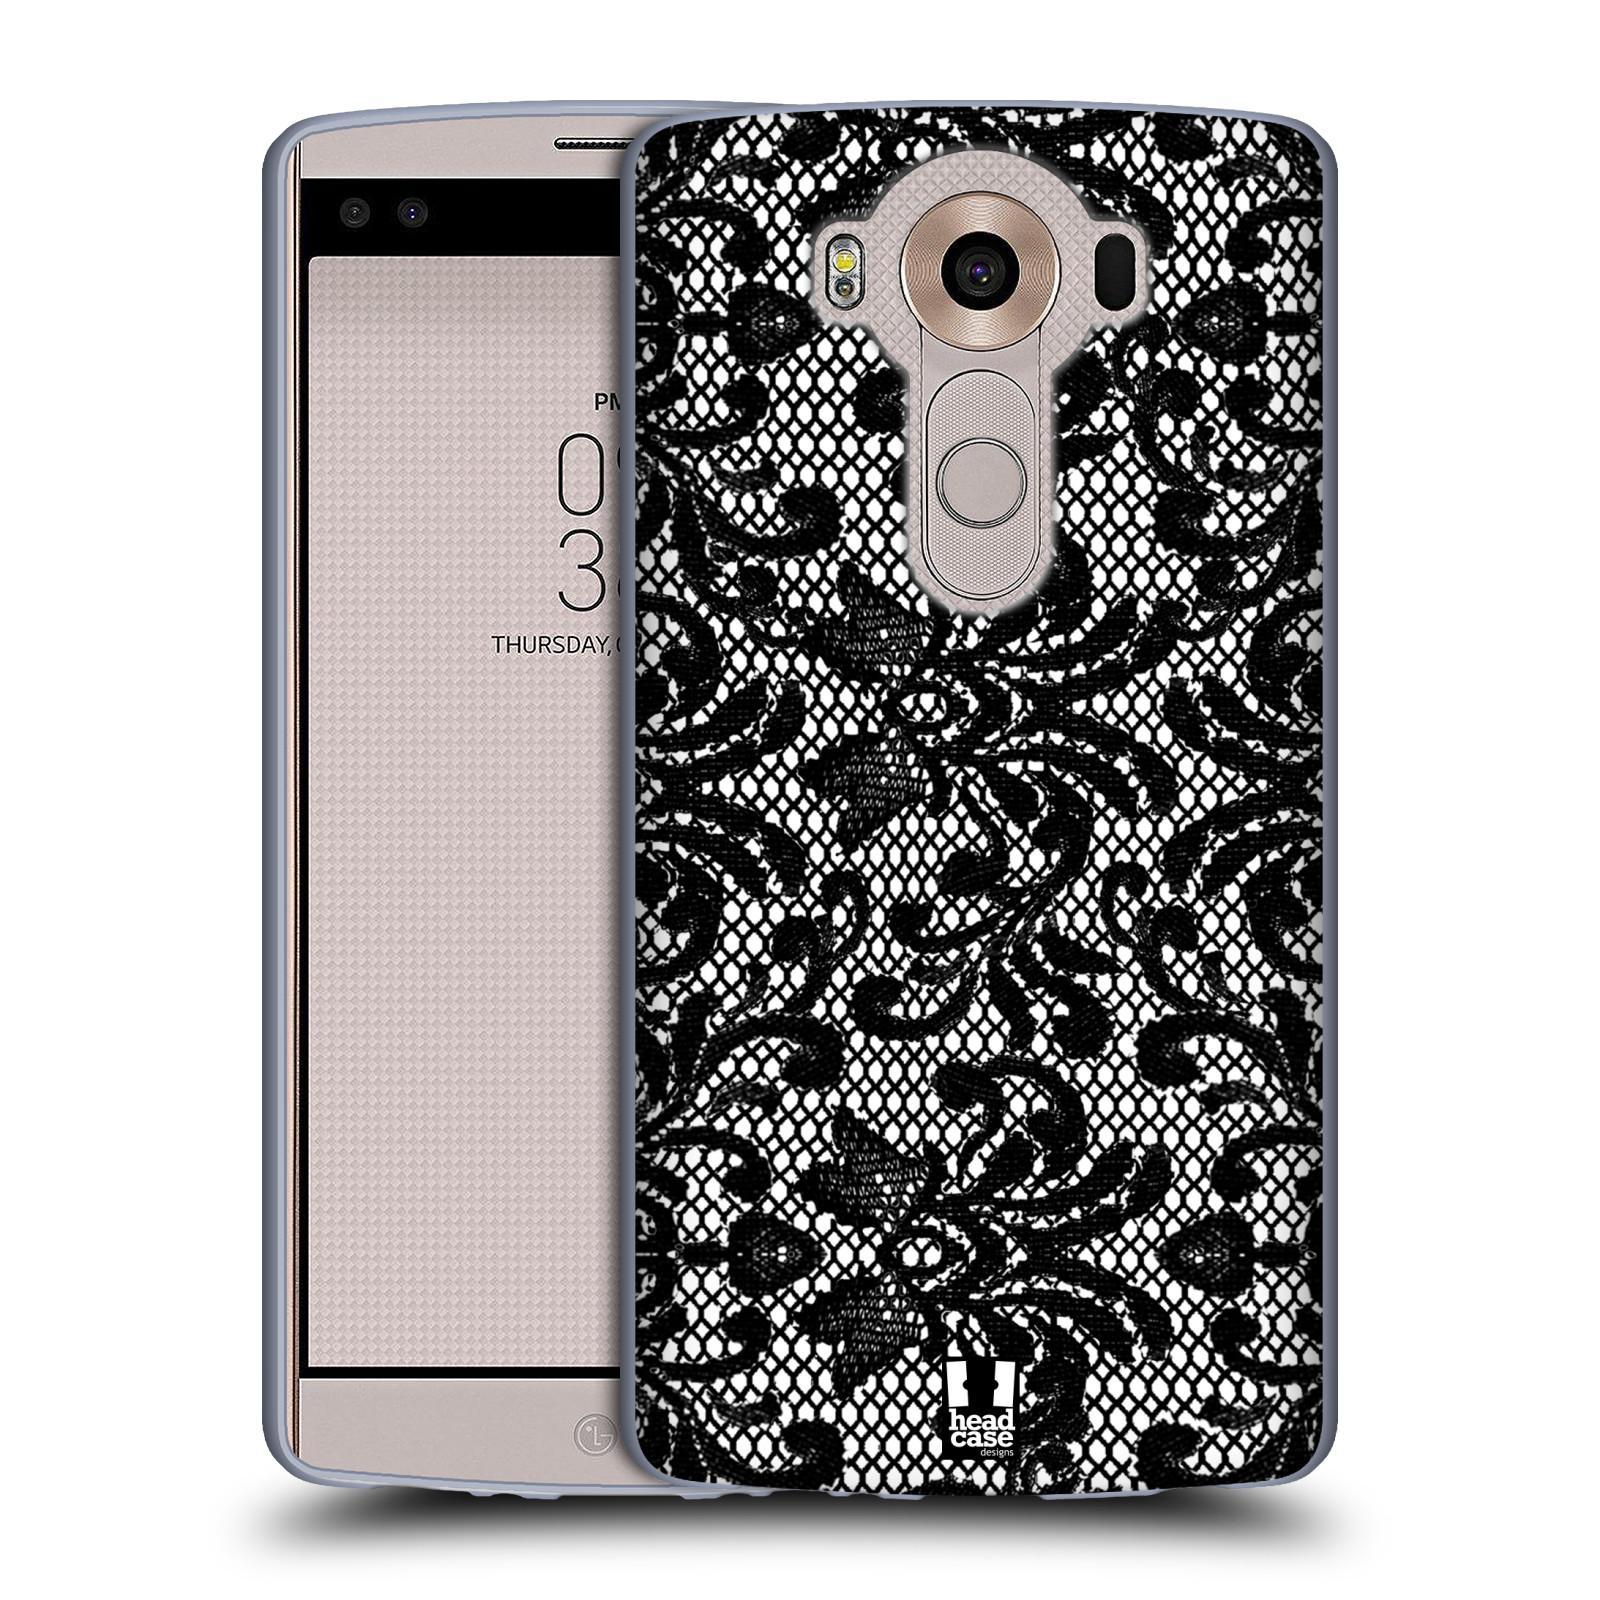 Silikonové pouzdro na mobil LG V10 HEAD CASE KRAJKA (Silikonový kryt či obal na mobilní telefon LG V10 H960 / H960A)